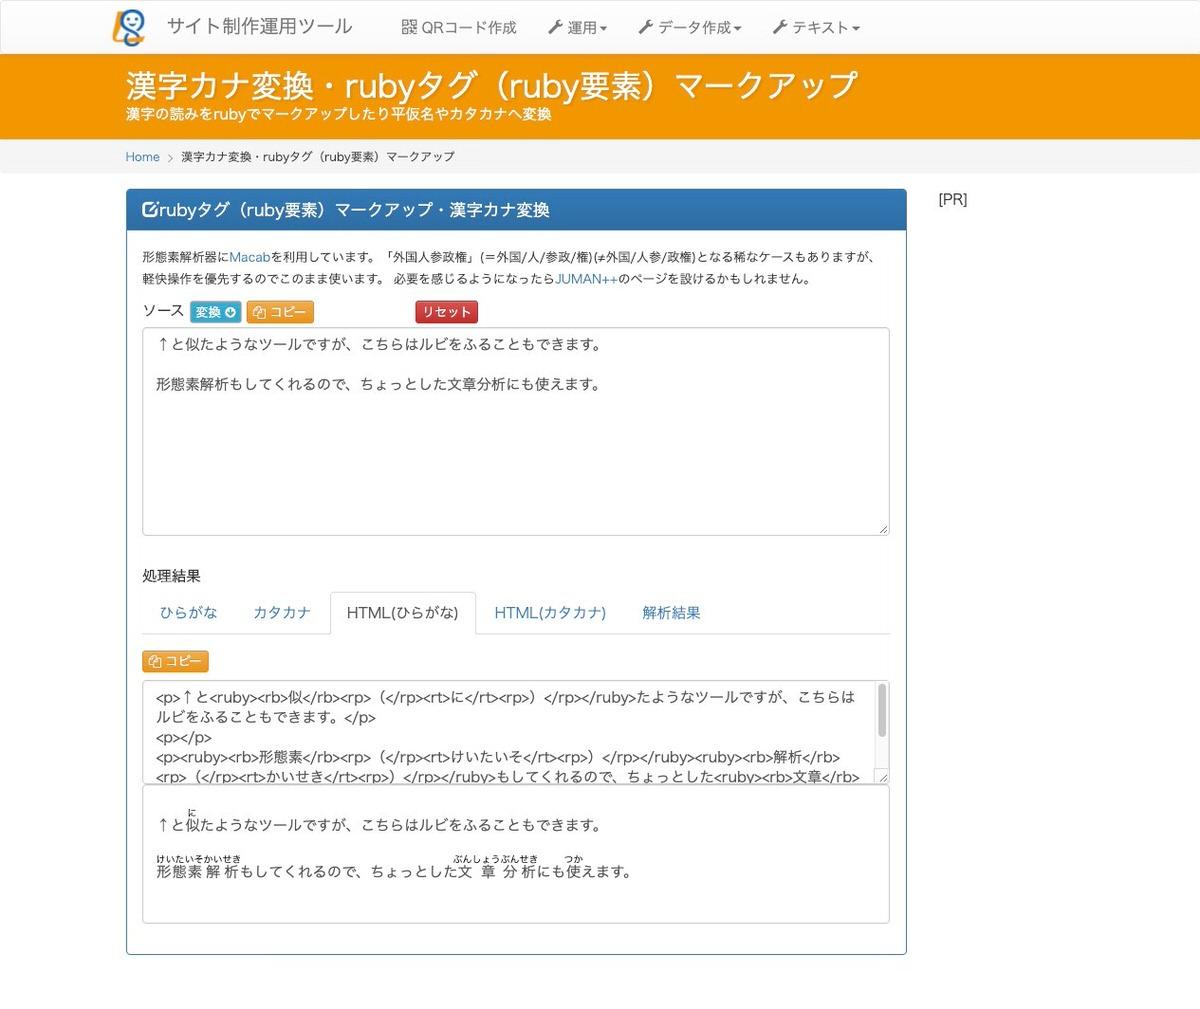 漢字カナ変換・rubyタグ(ruby要素)マークアップ